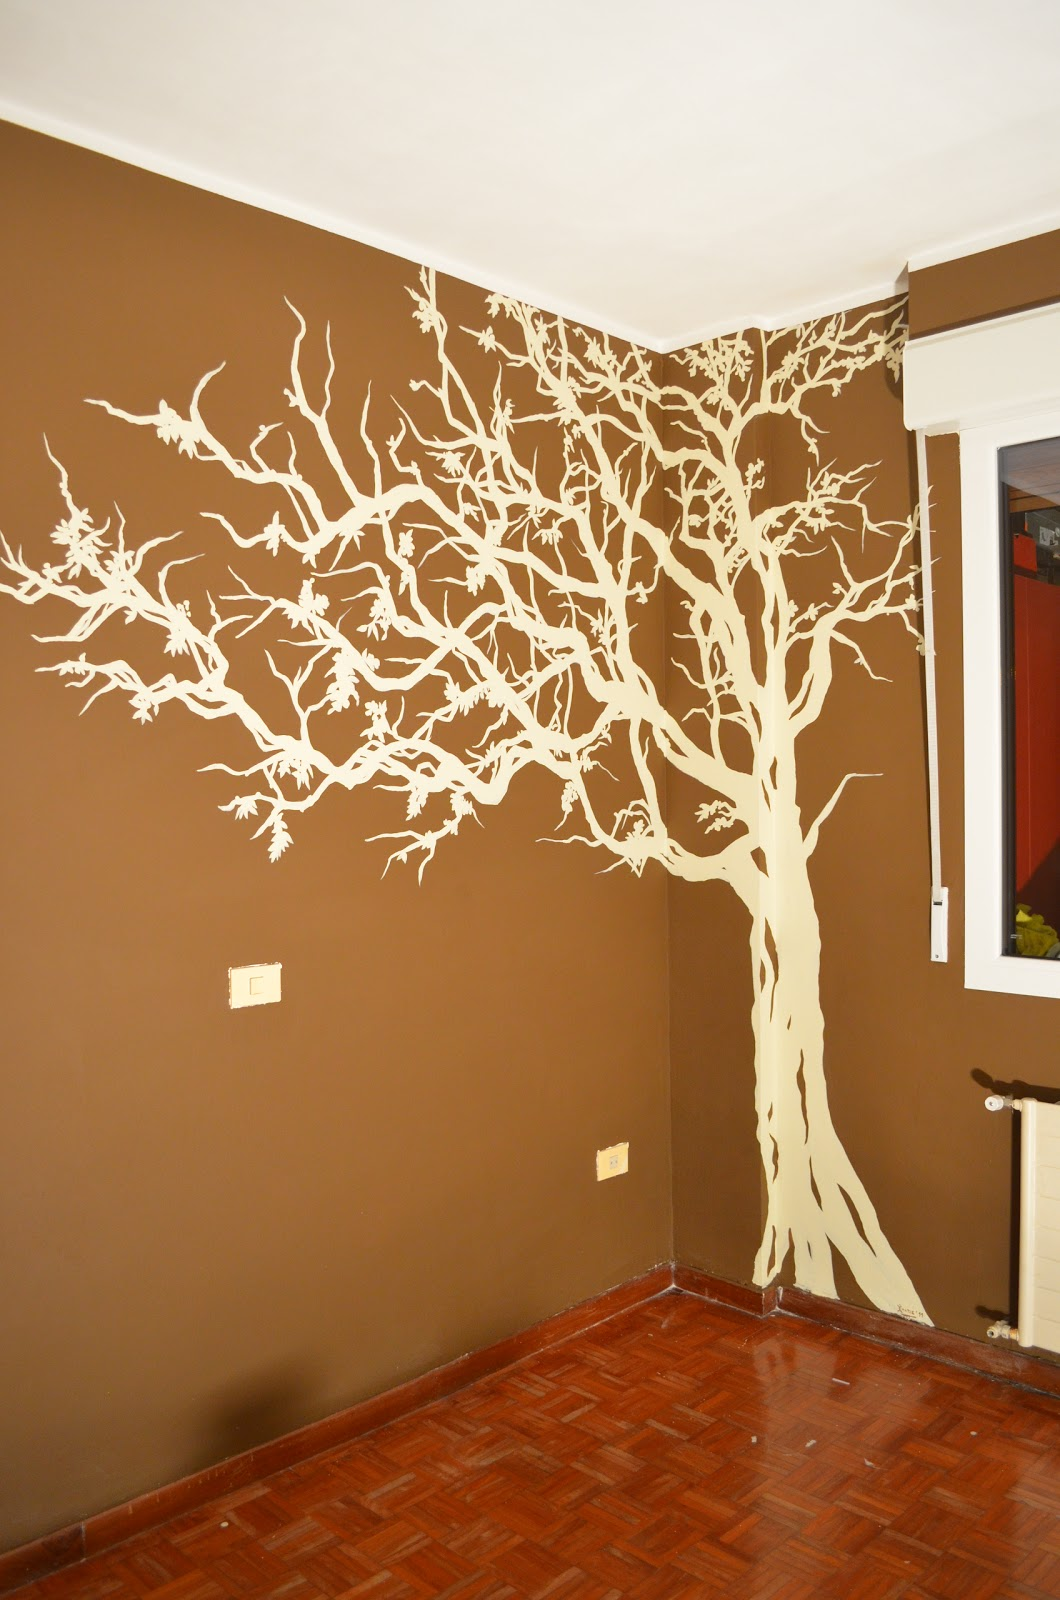 Pintura decorativa y mural arbol en habitacion for Como pintar un mural exterior